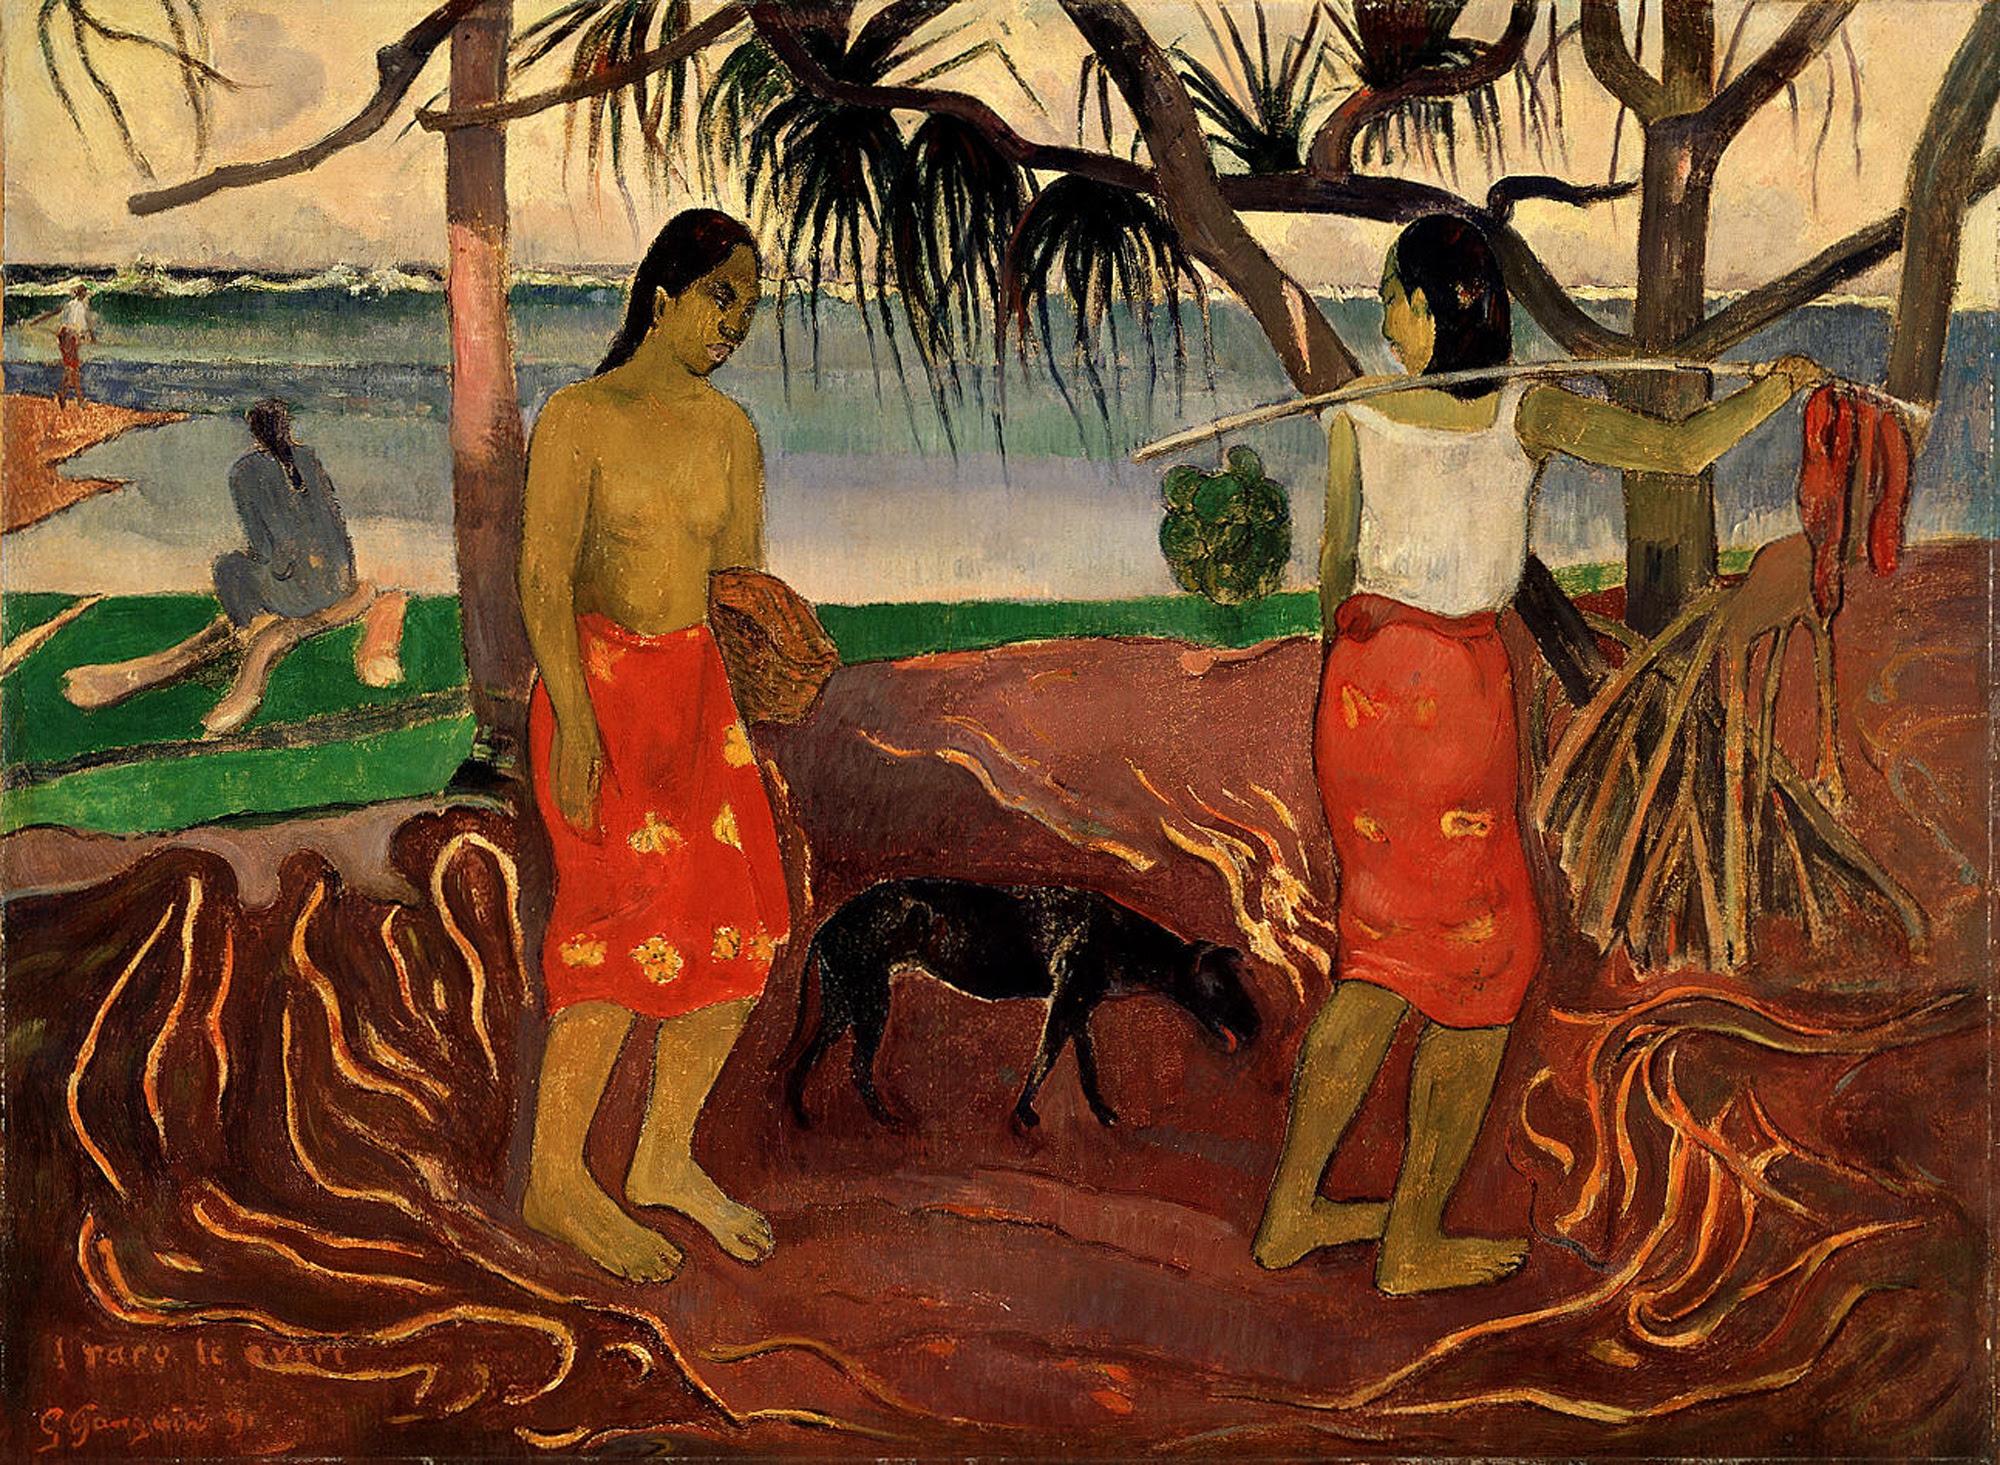 http://upload.wikimedia.org/wikipedia/commons/5/55/I_raro_te_Oviri_-_Gauguin.JPG